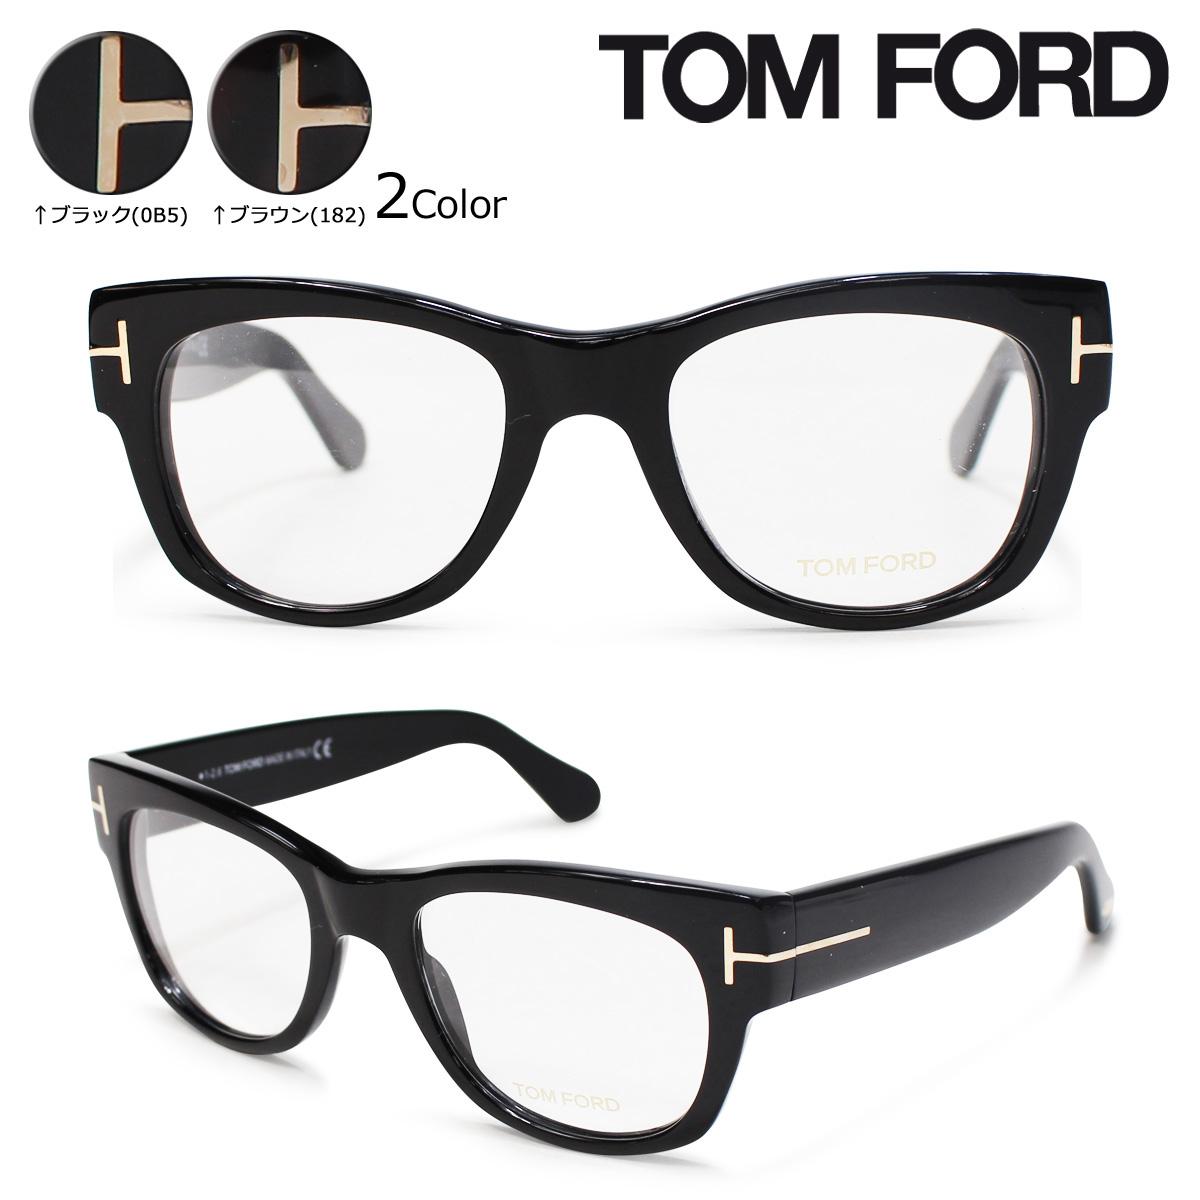 TOM FORD トムフォード メガネ 眼鏡 メンズ レディース アイウェア FT5040 ウェリントン イタリア製